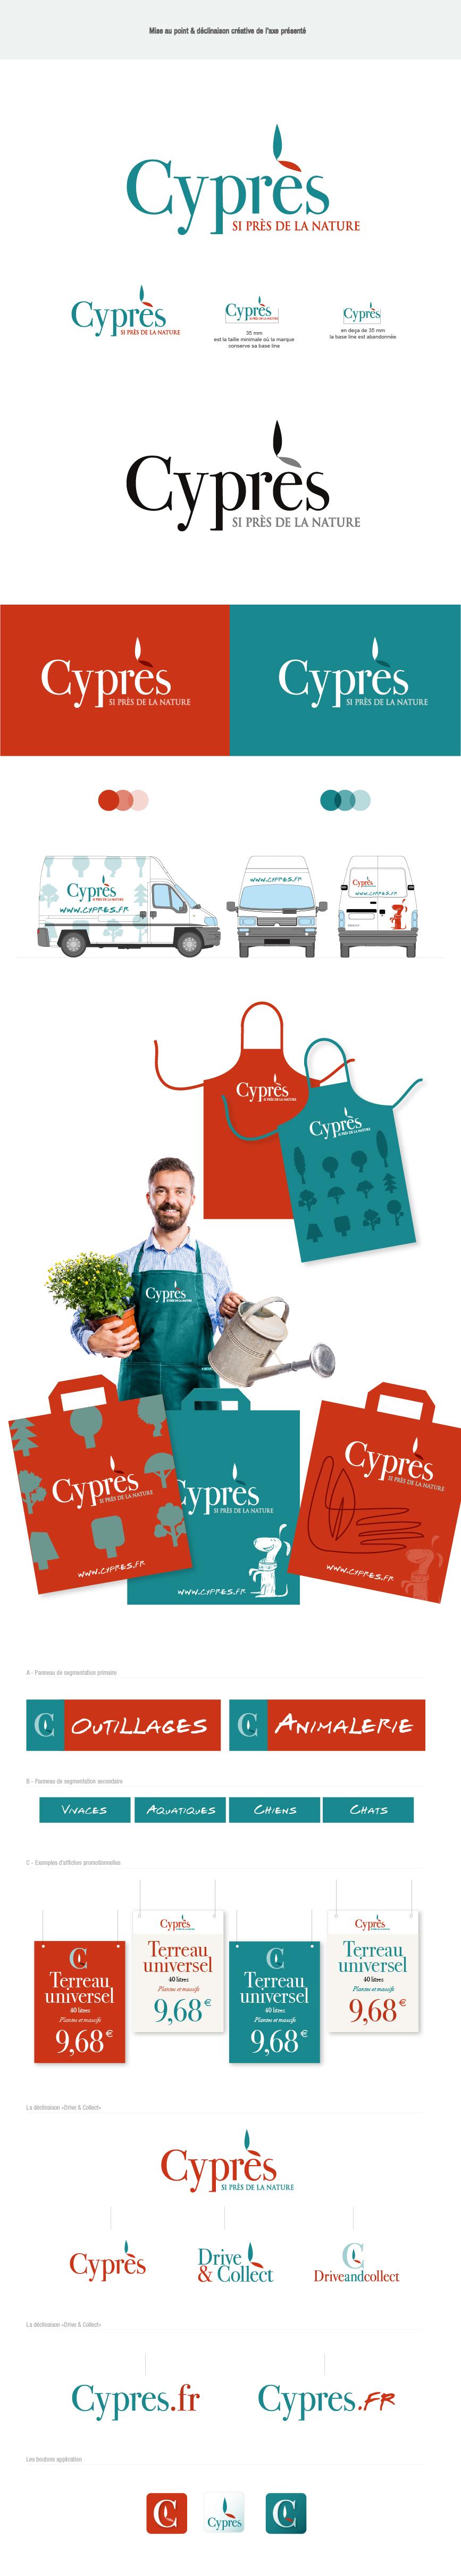 cypres-01